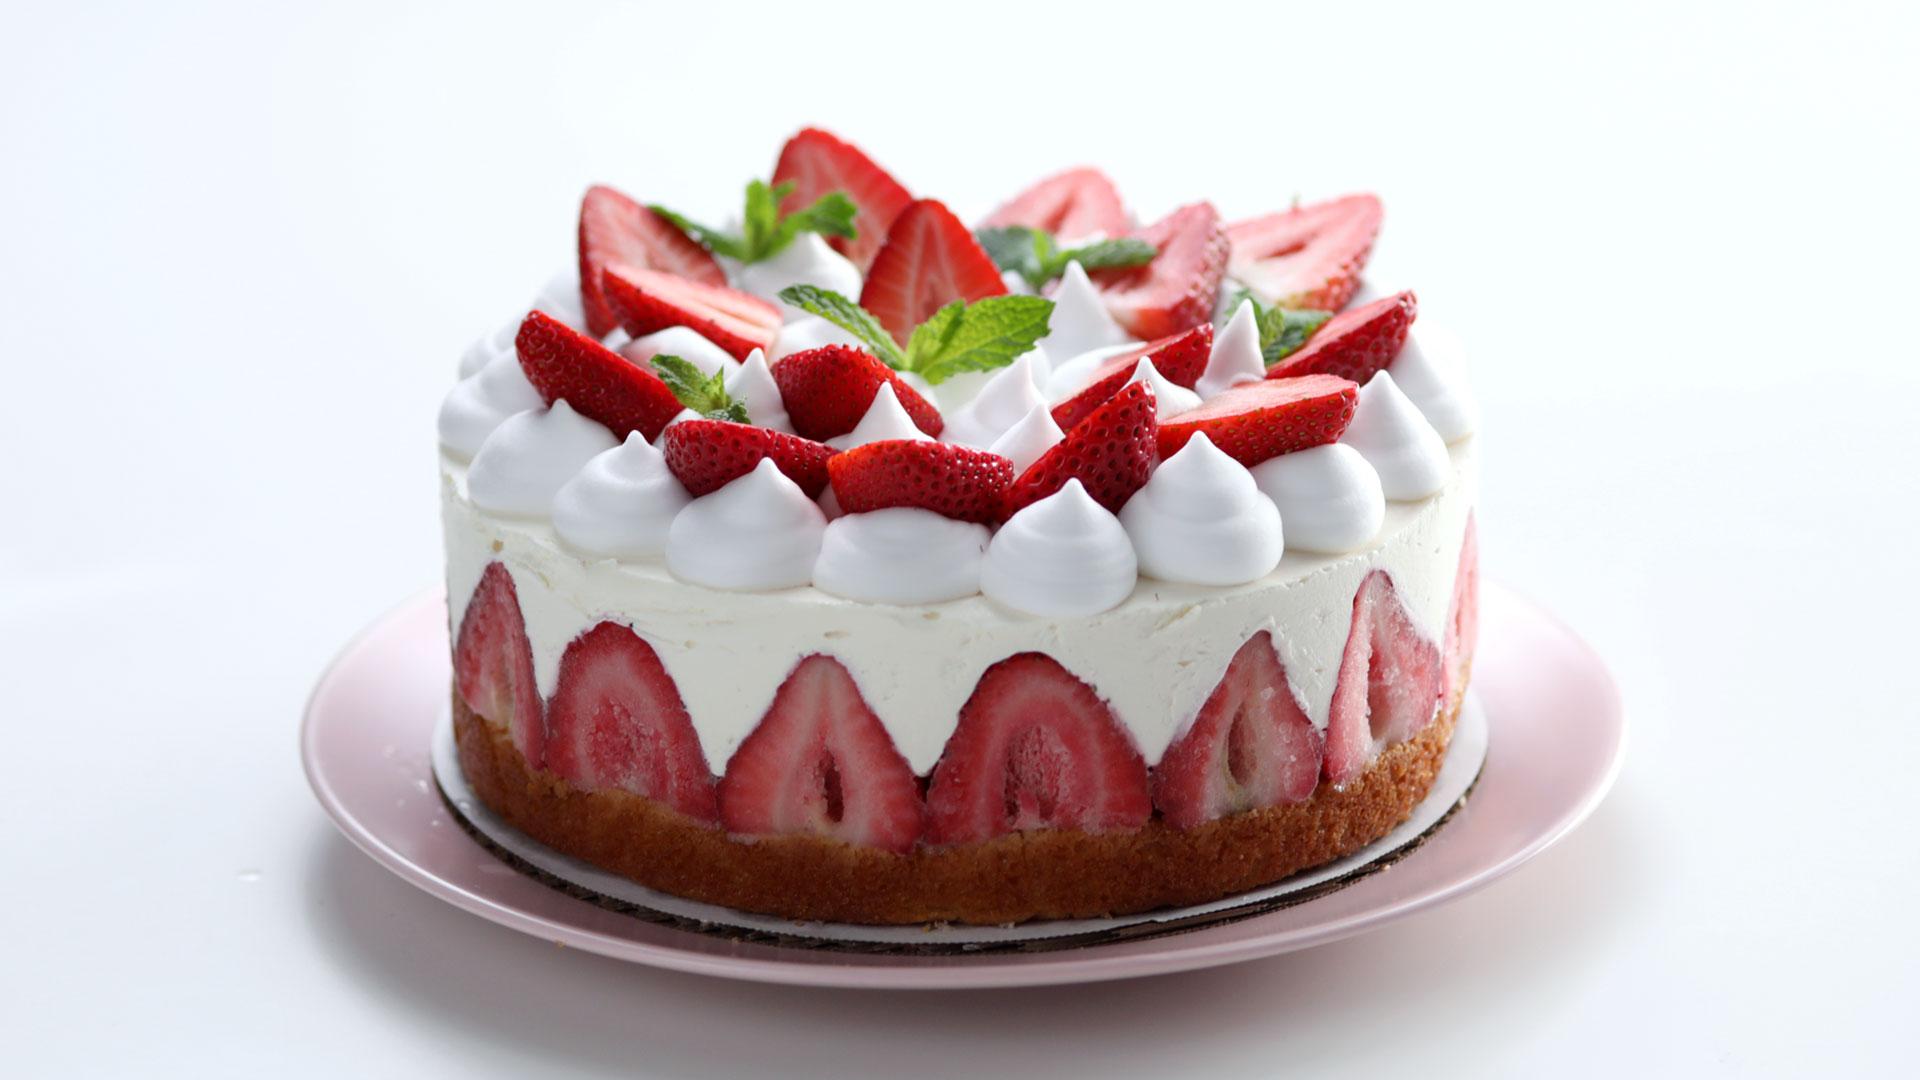 Manfaat Kue Bolu bagi Kesehatan